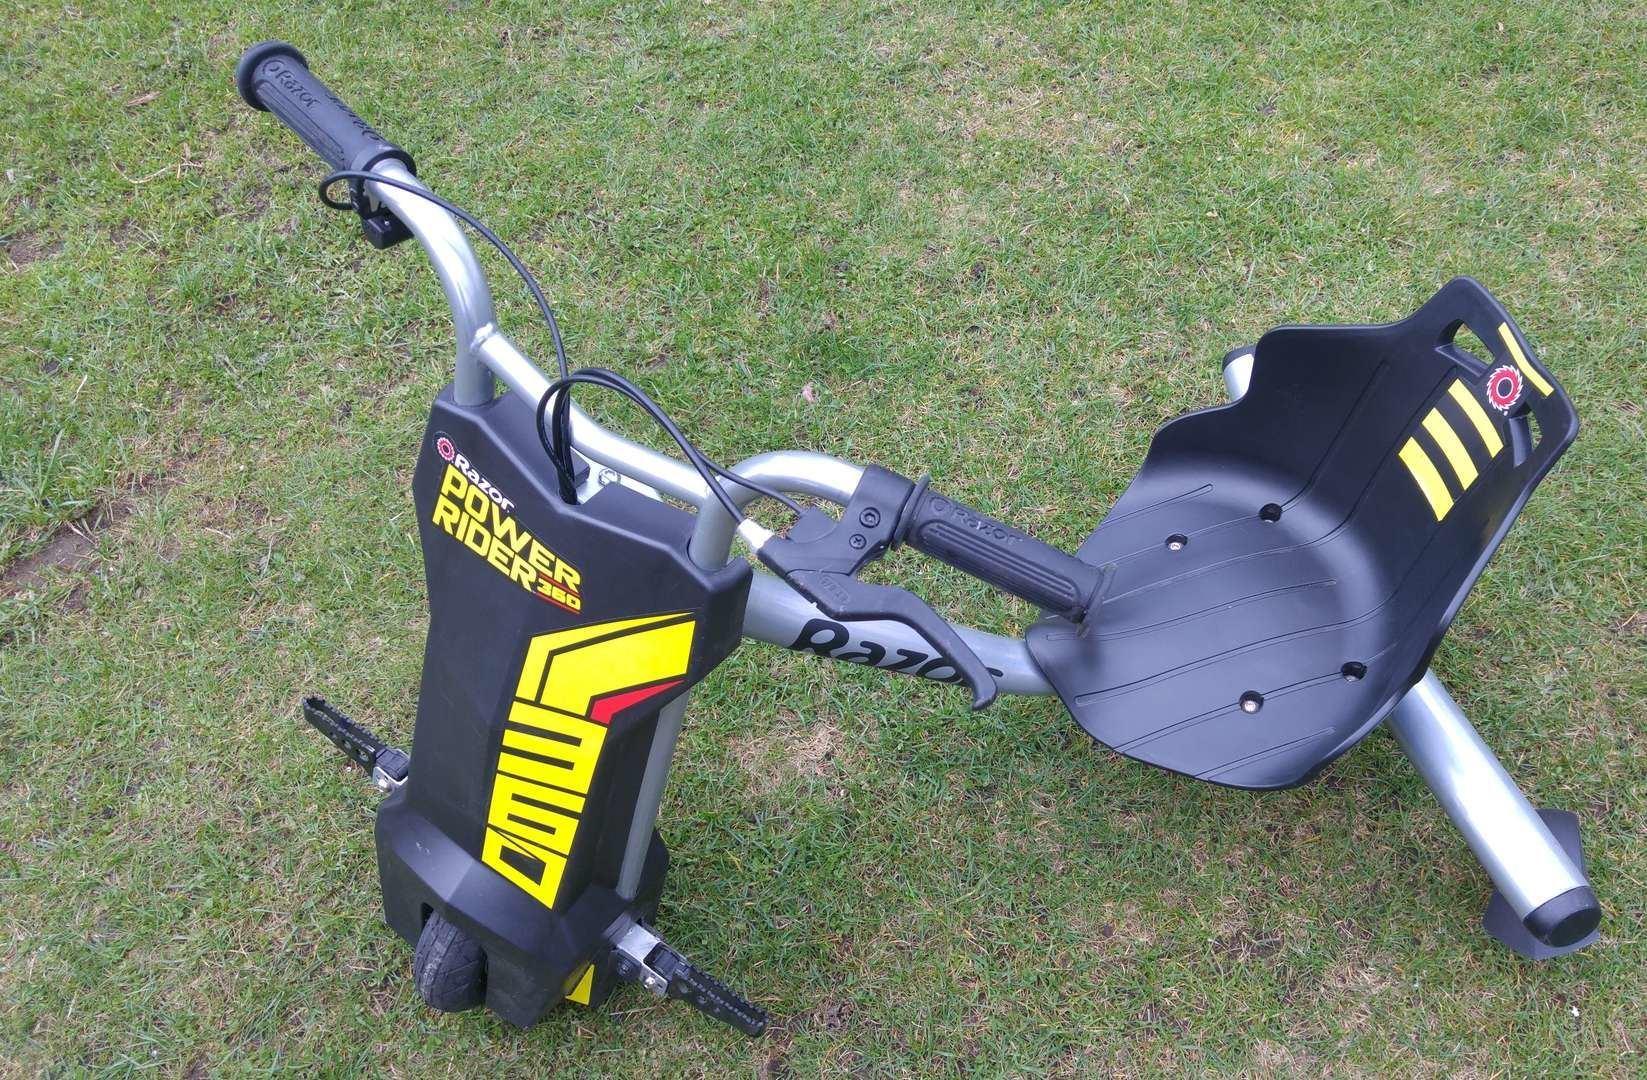 С детства на колесах: электроцикл и дрифтер от Razor для детей и подростков - 6